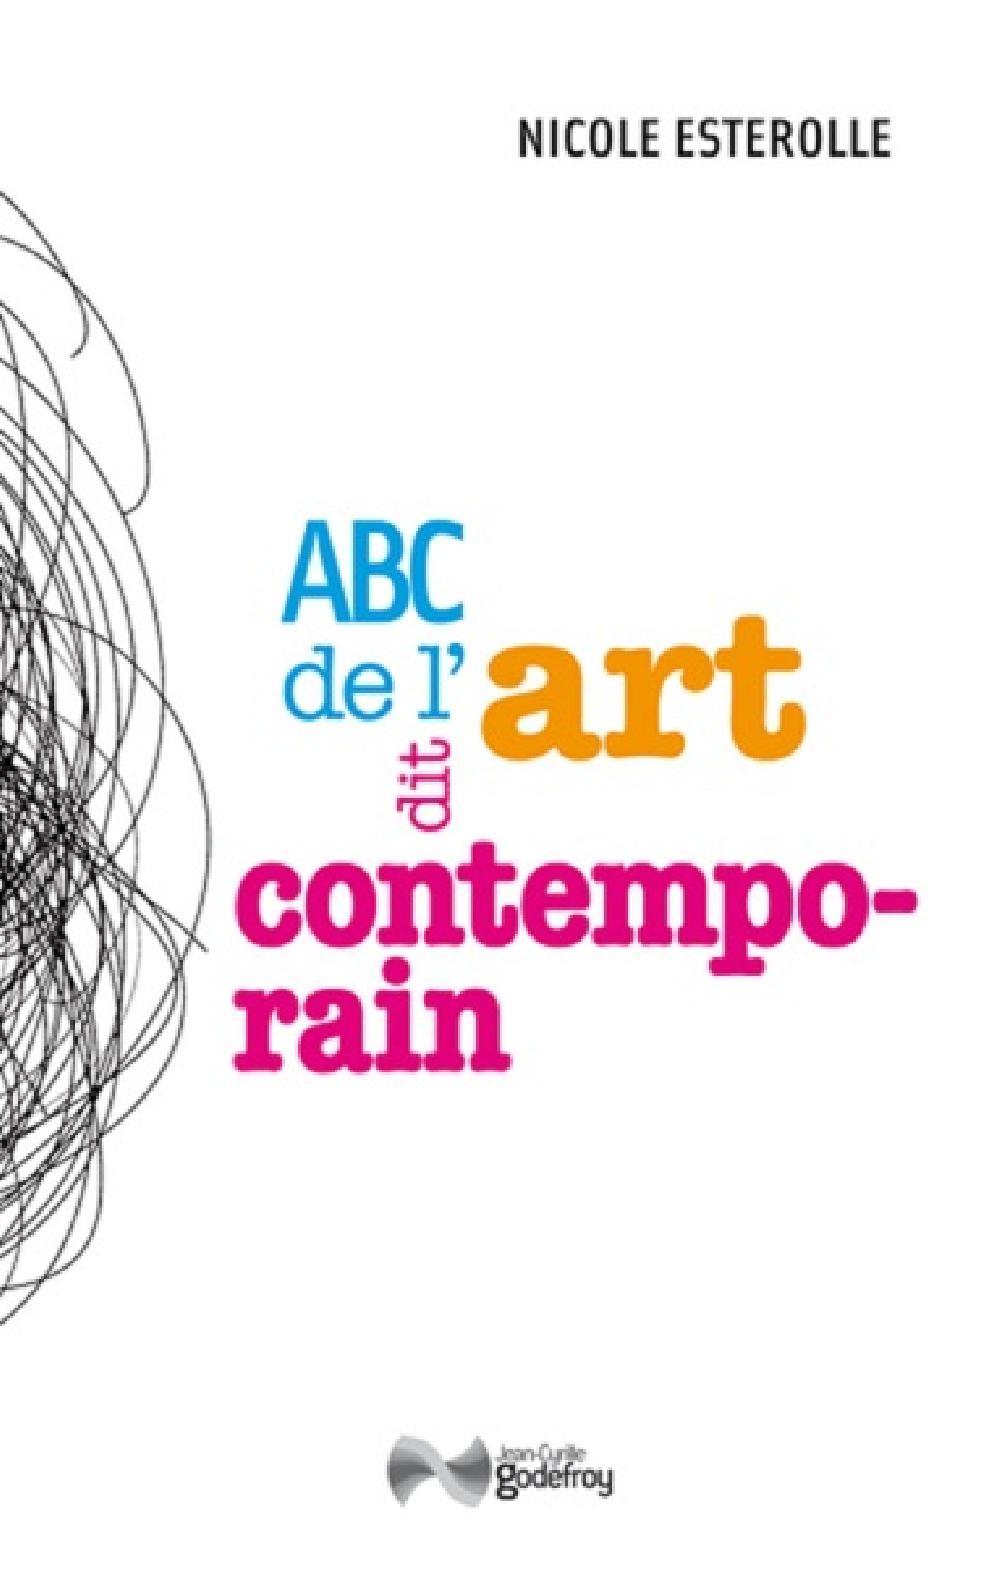 ABC de l'art dit contemporain